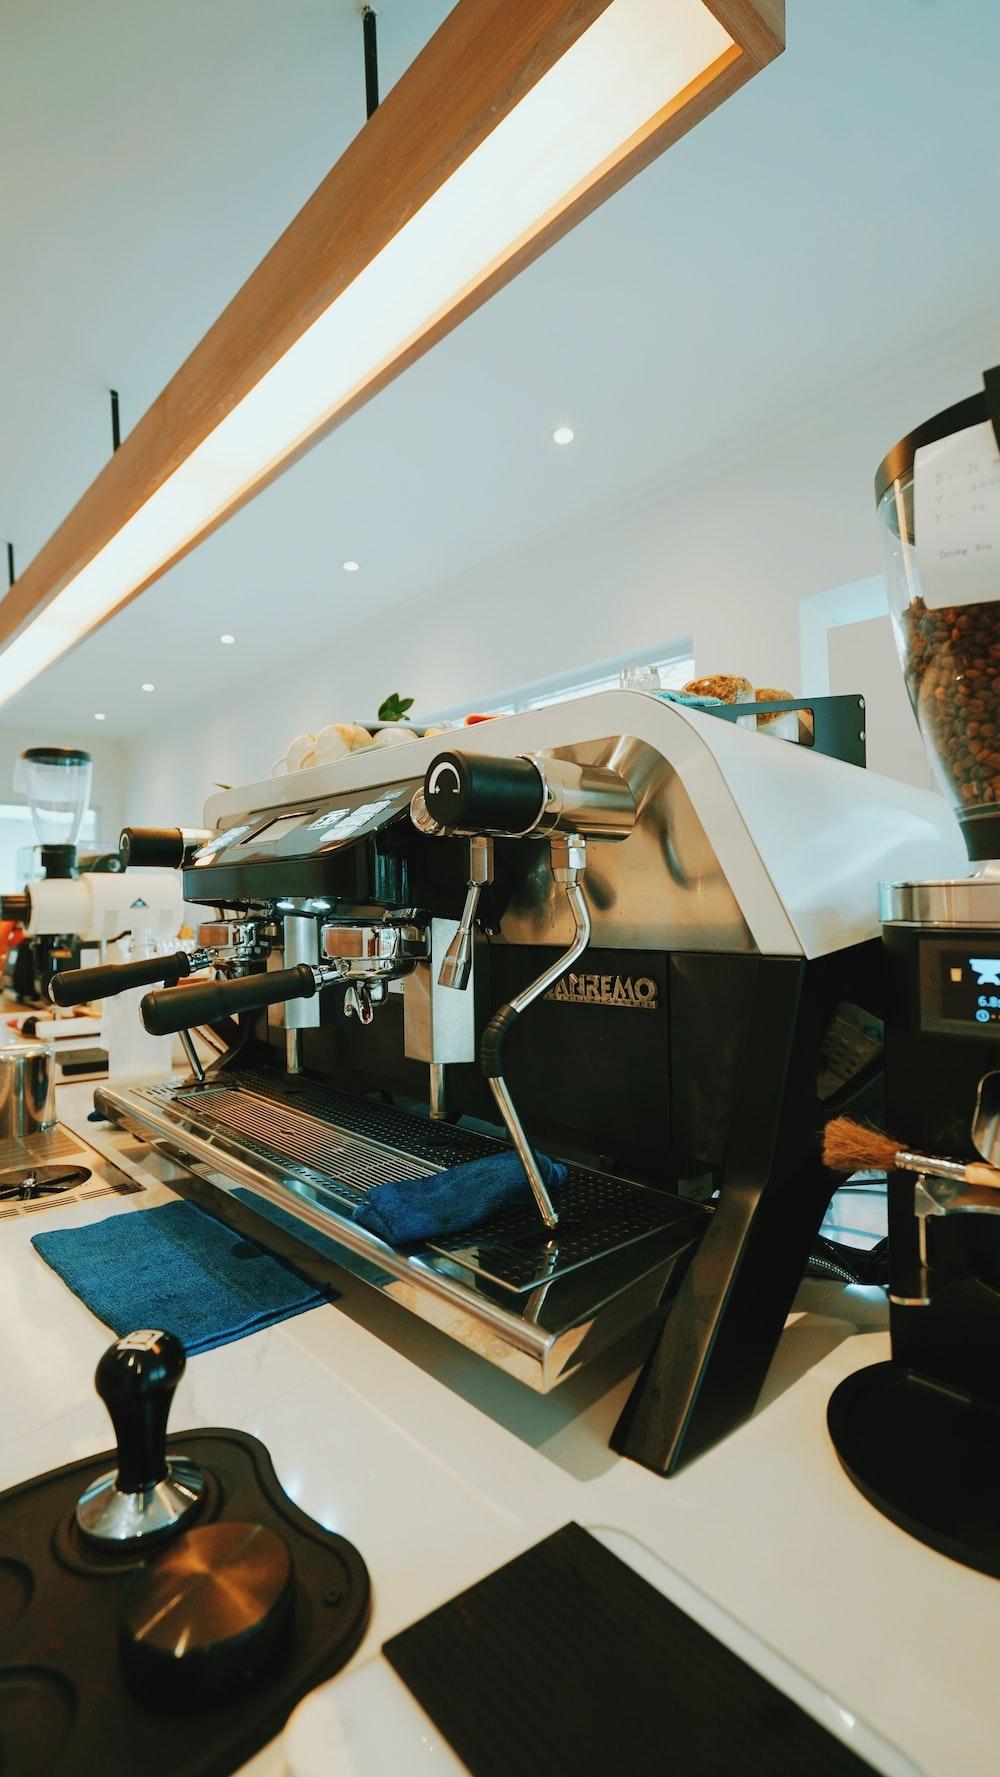 gray and black espresso machine